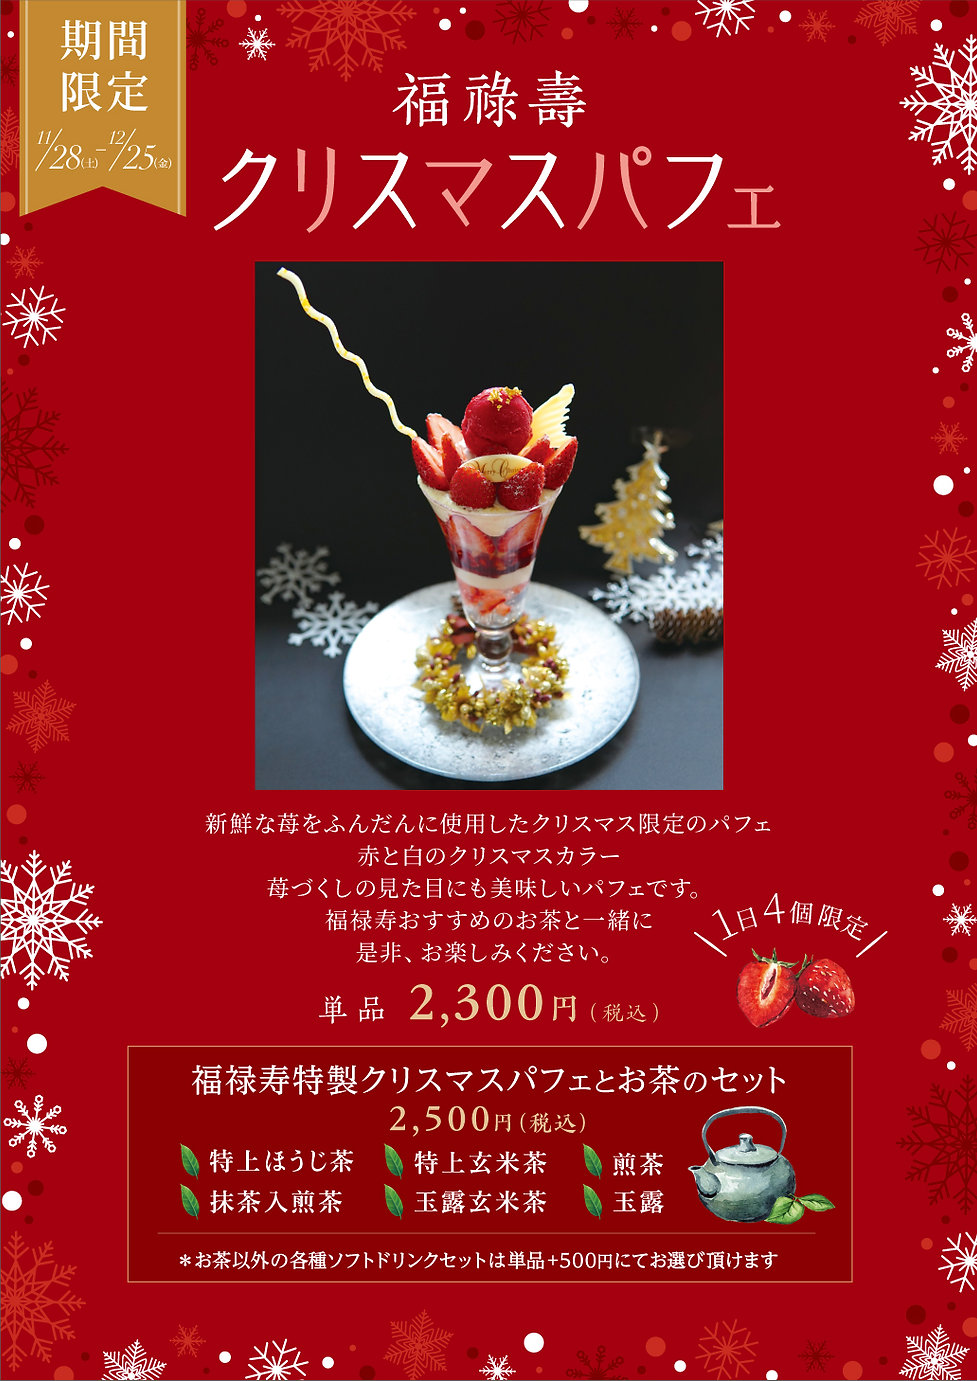 クリスマス_期間限定メニュー_縦_1126.jpg